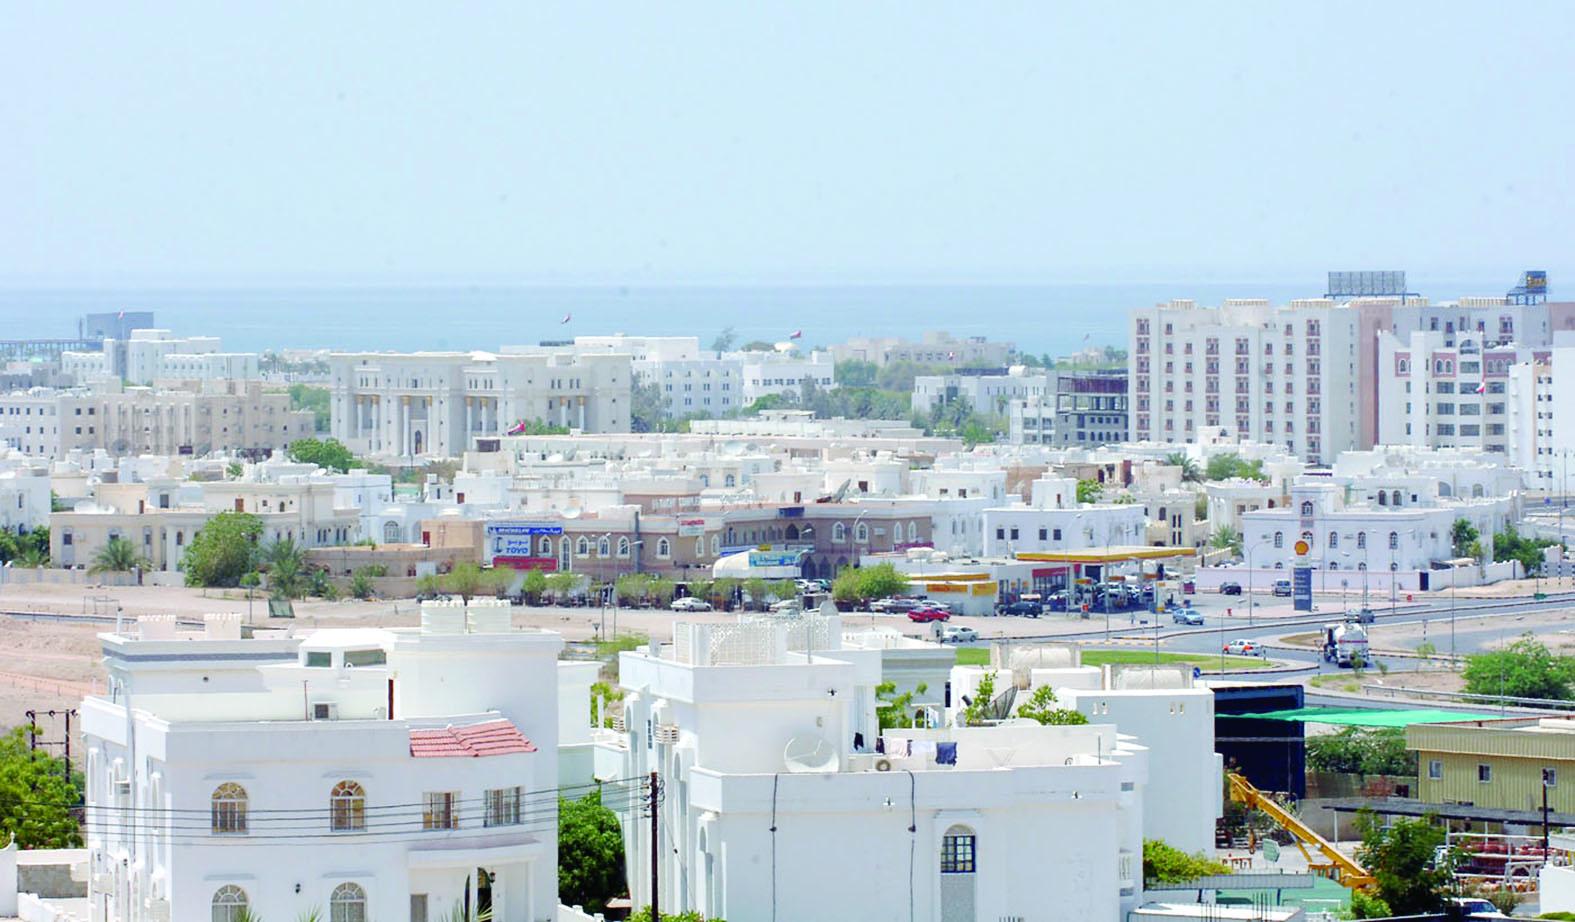 خلال يناير الفائت21 مليون ريال عماني قيمة النشاط العقاري بالبريمي ومسندم وشمال الباطنة